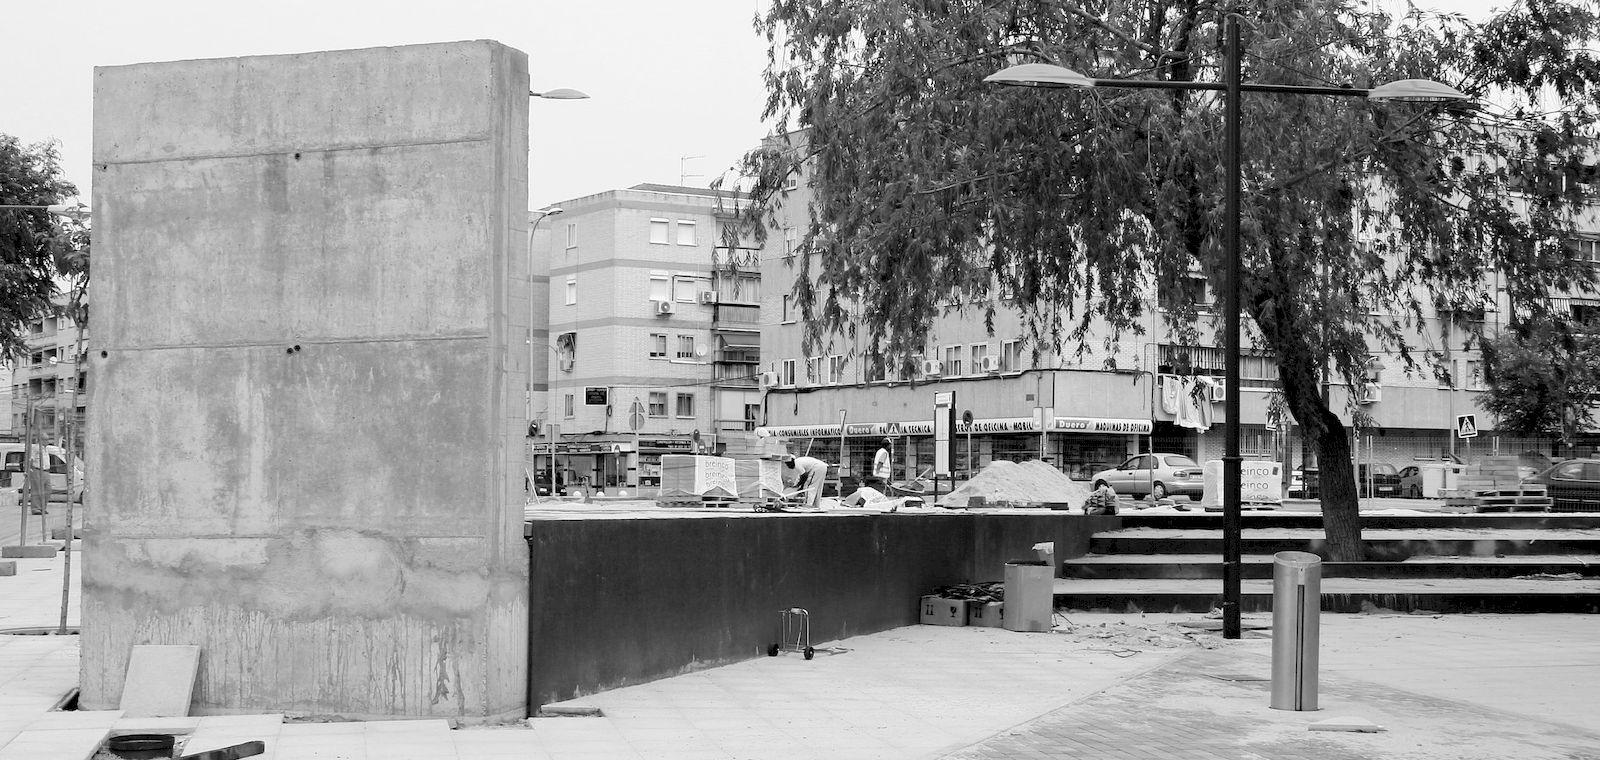 Plaza u3 estudio de arquitectura madrid for Estudios arquitectura madrid